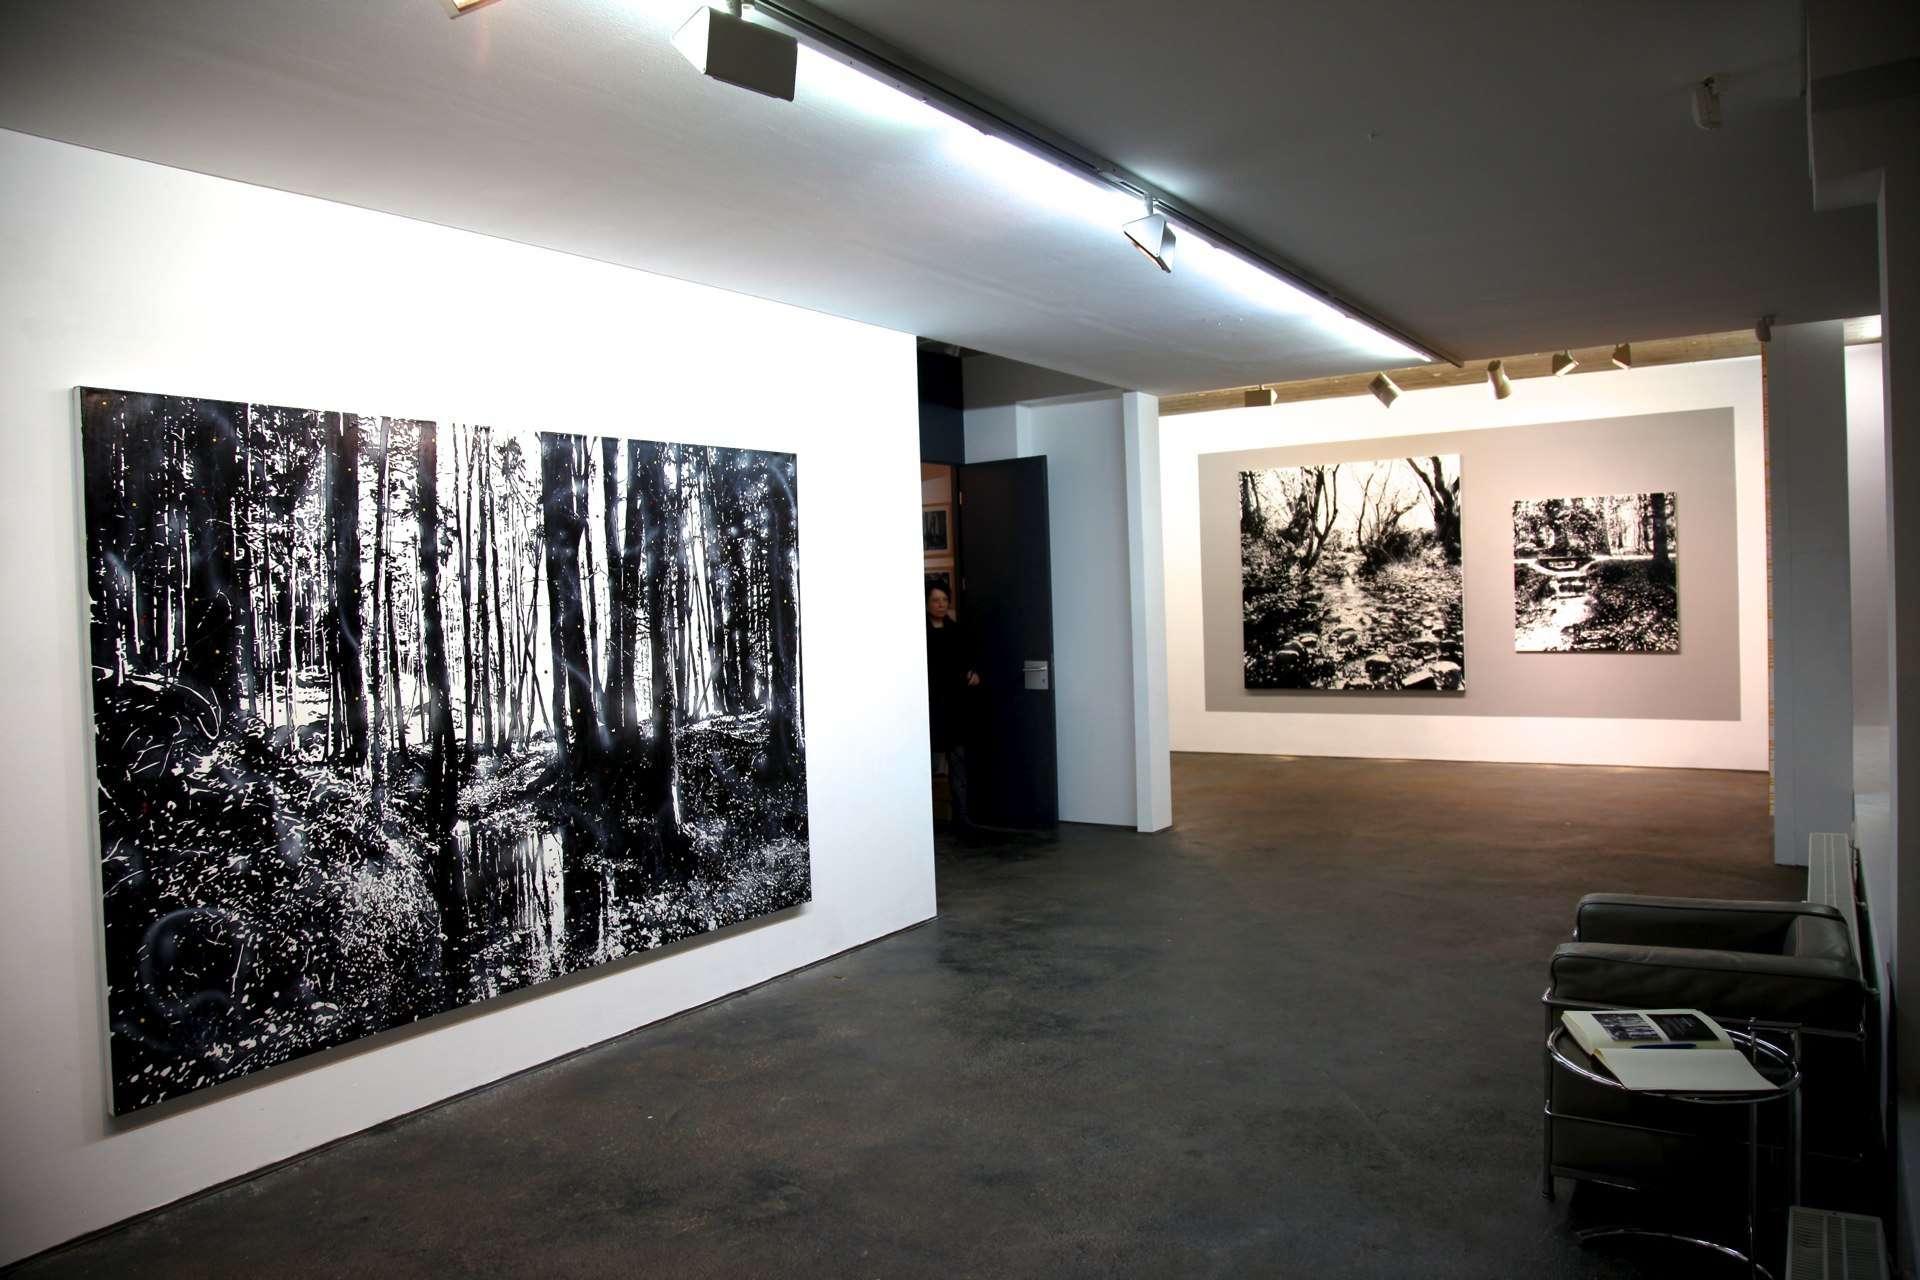 © Image courtesy of Galerie Maurer